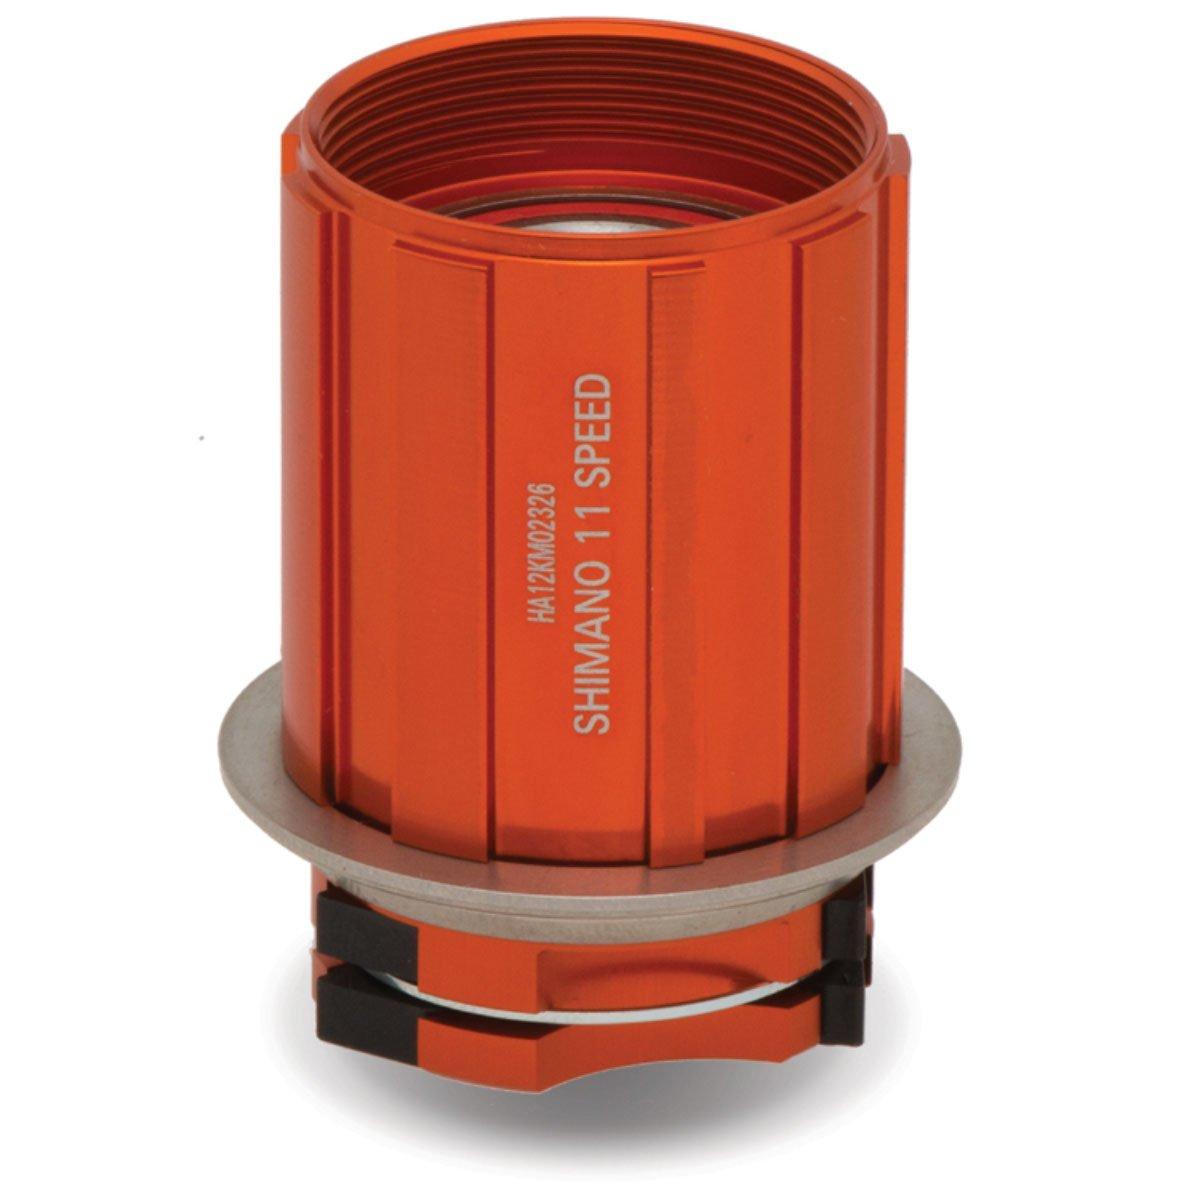 イーストンカセットボディr4 B00M1JOJ82オレンジ Shimano/SRAM-11 Speed